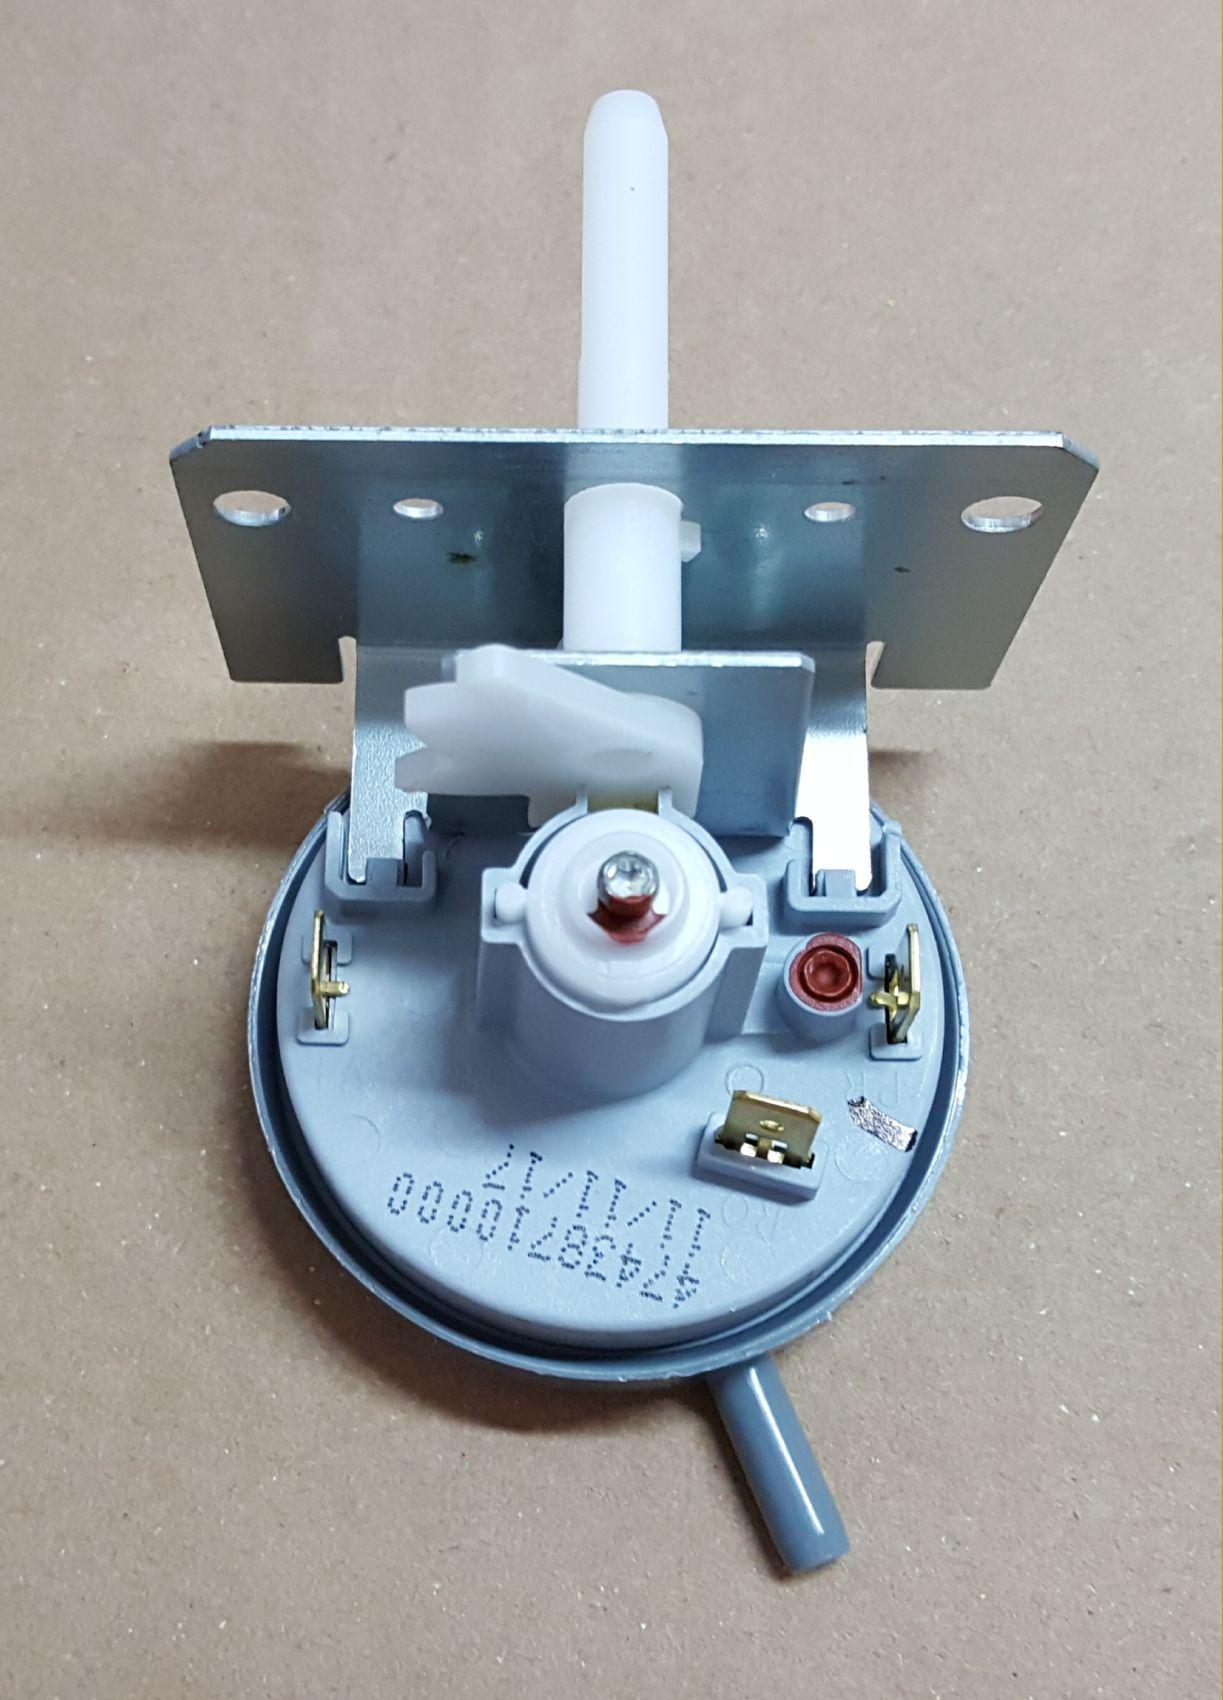 Pressostato para Lavadora Electrolux Lm08 - 4 Níveis